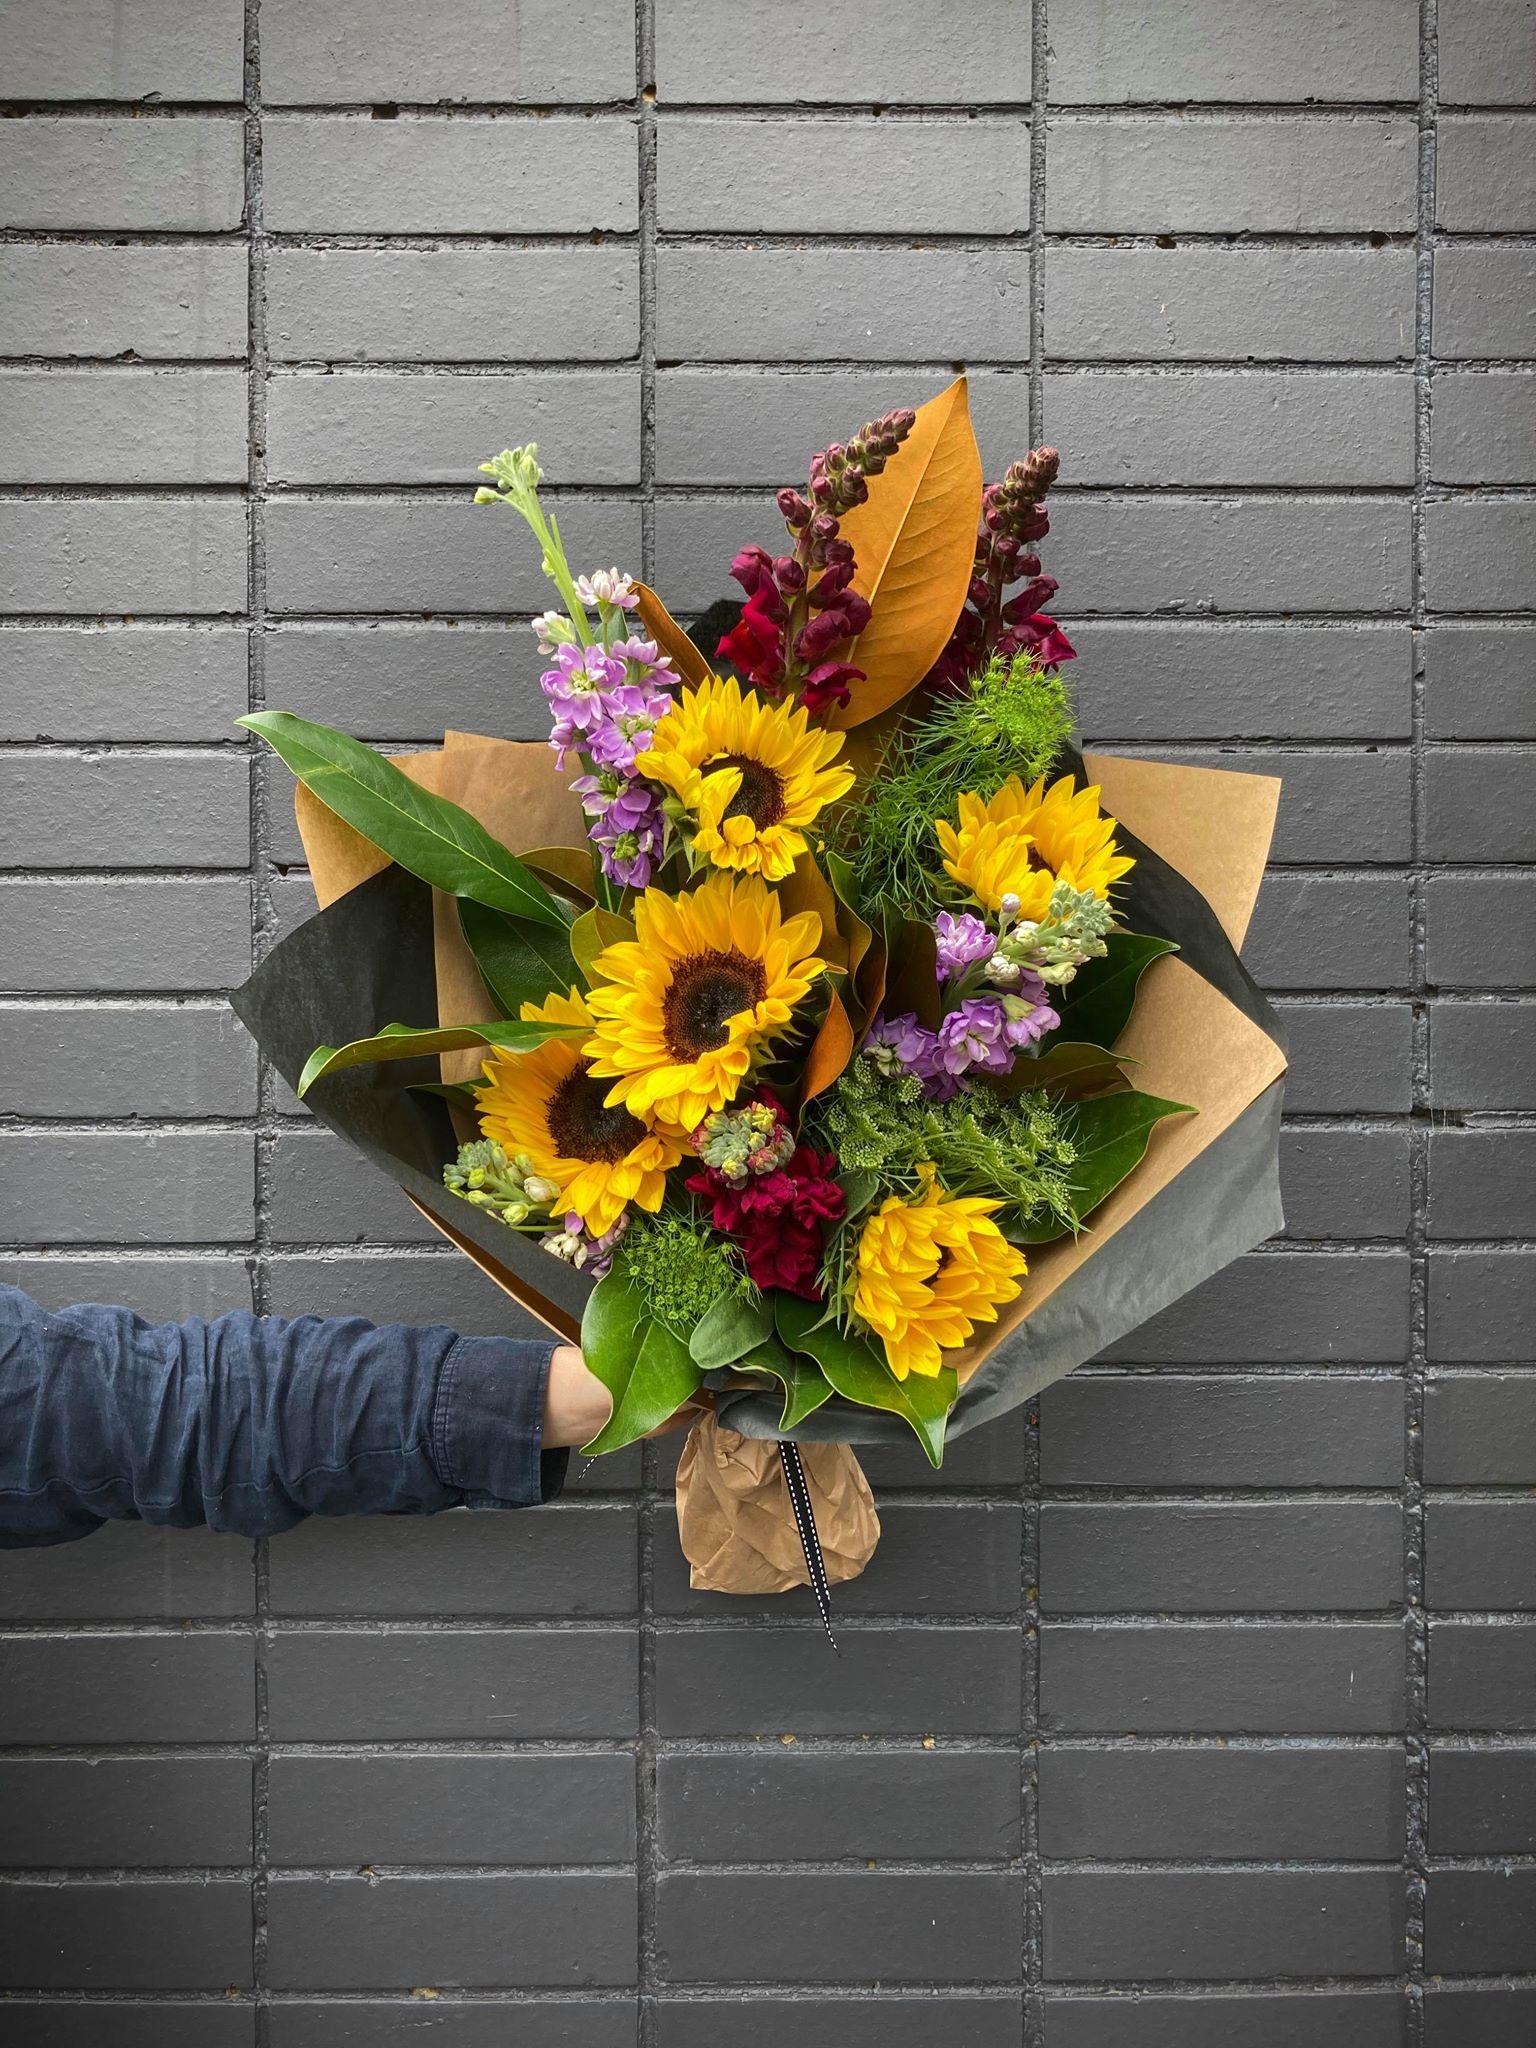 Colourful Bouquet - $75